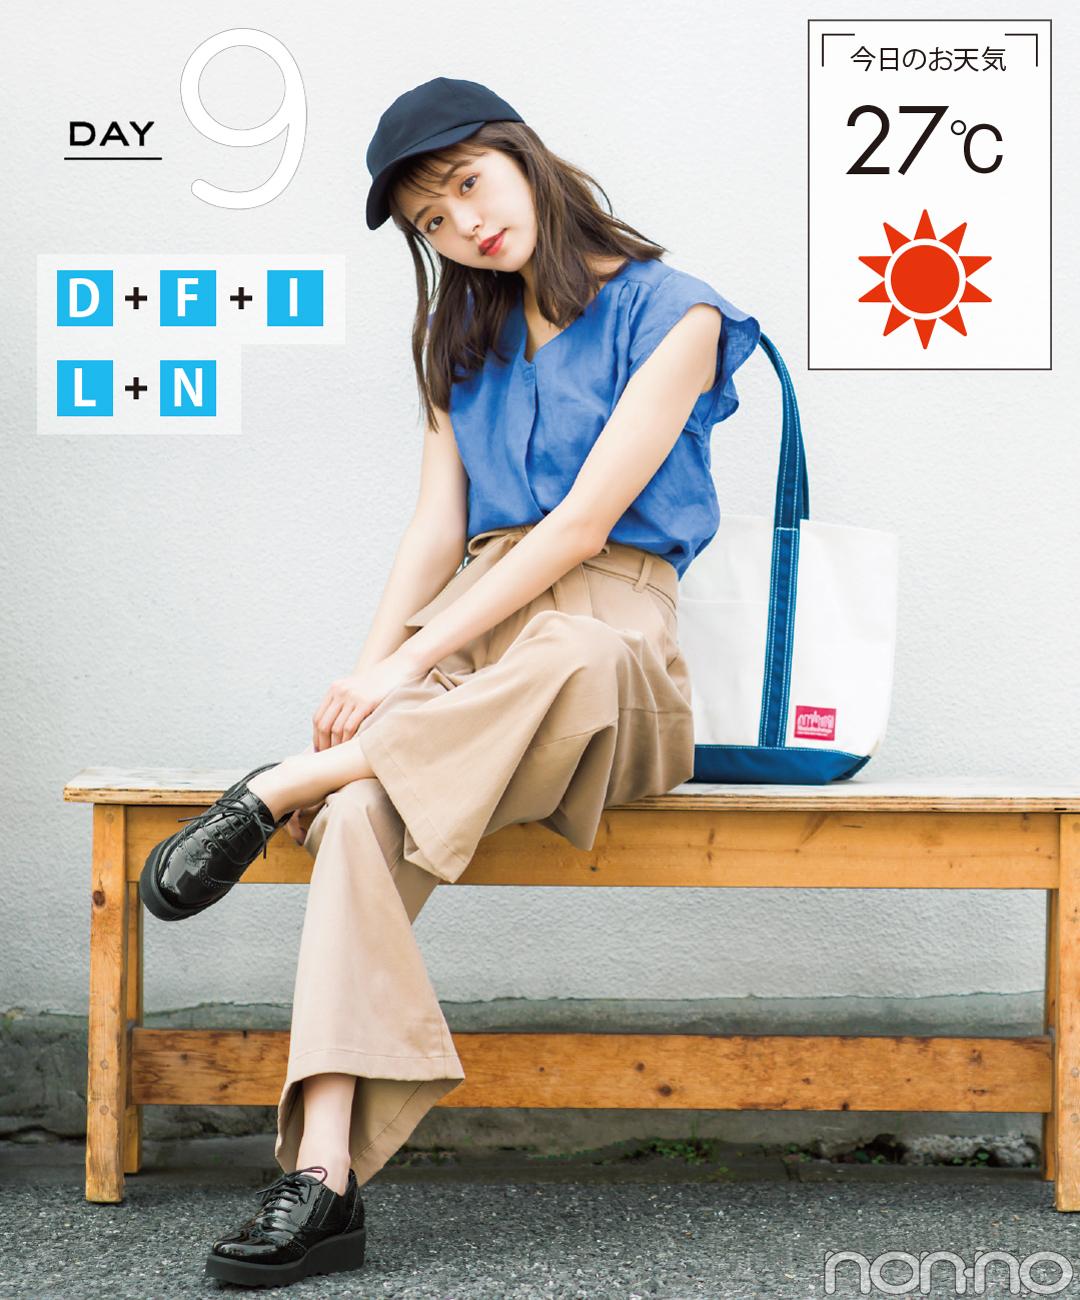 【夏のパンツコーデ】鈴木優華は、ベージュパンツとシックなキャップでおしゃカジコーデ★